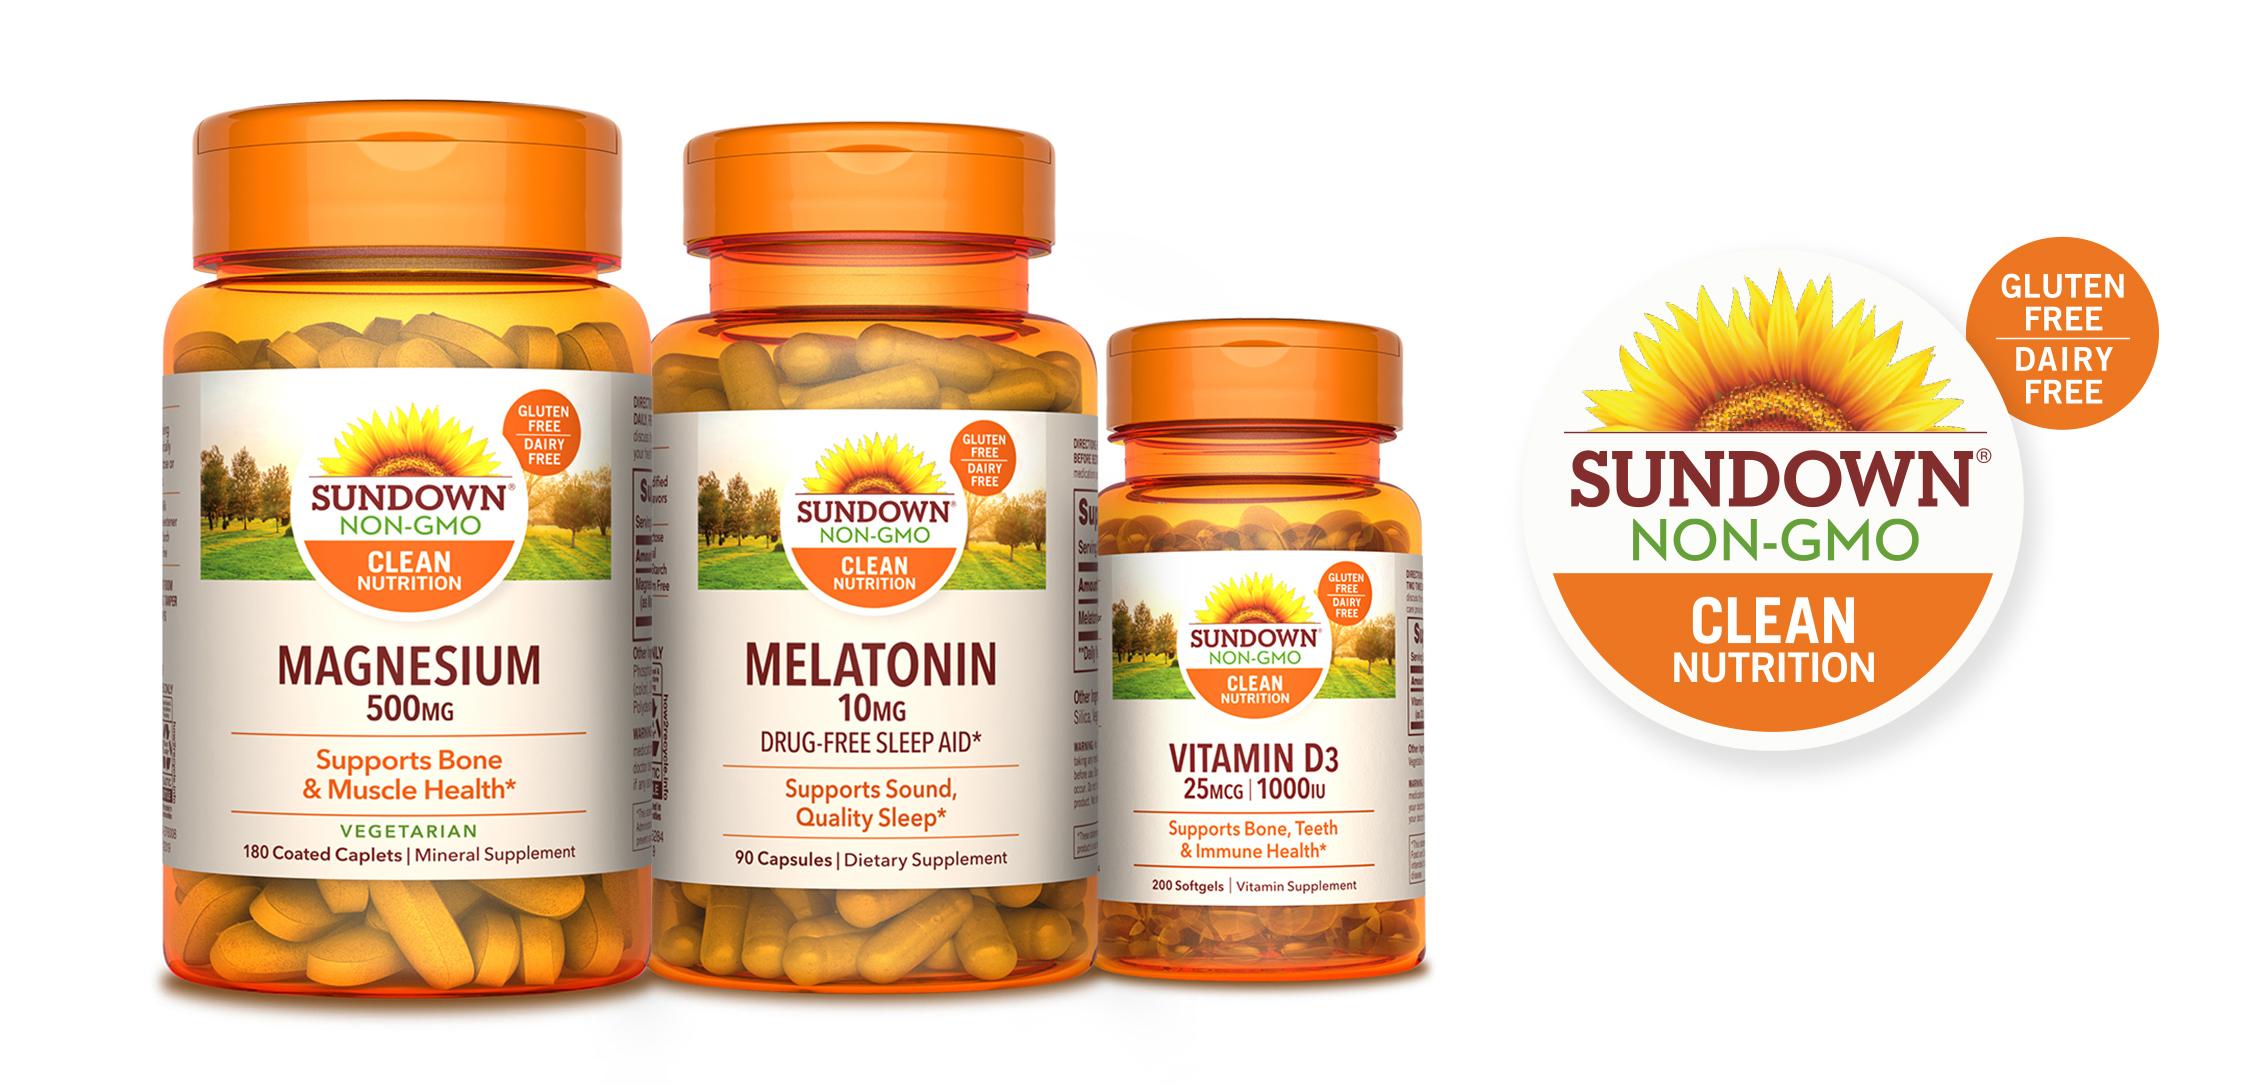 Sundown Clean Nutrition — BrandtBrand